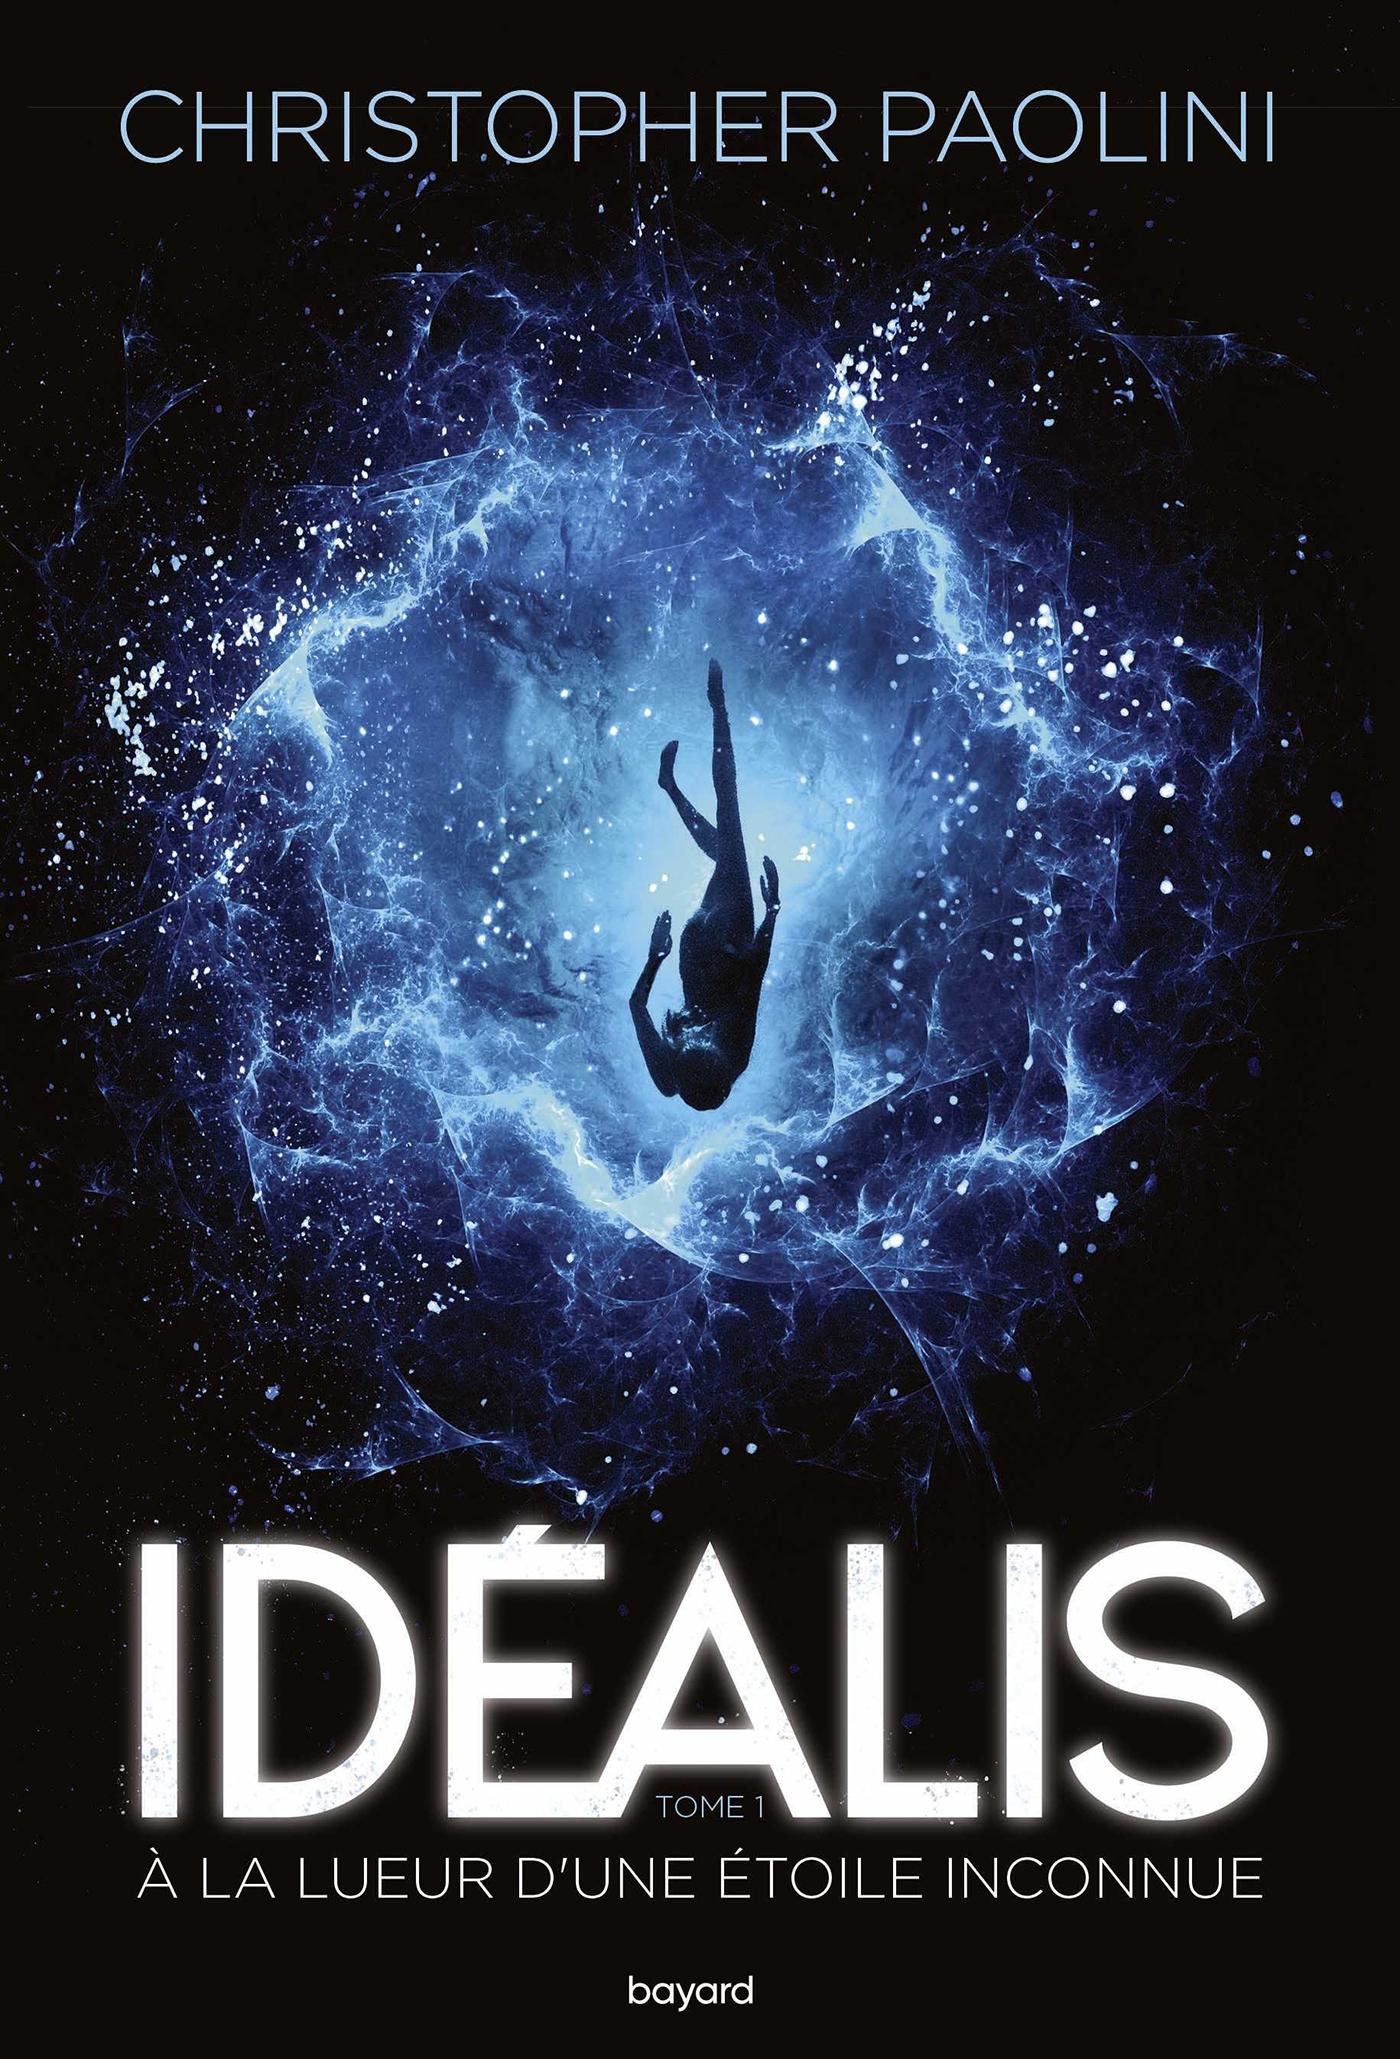 Idéalis, Tome 01 | Paolini, Christopher. Auteur